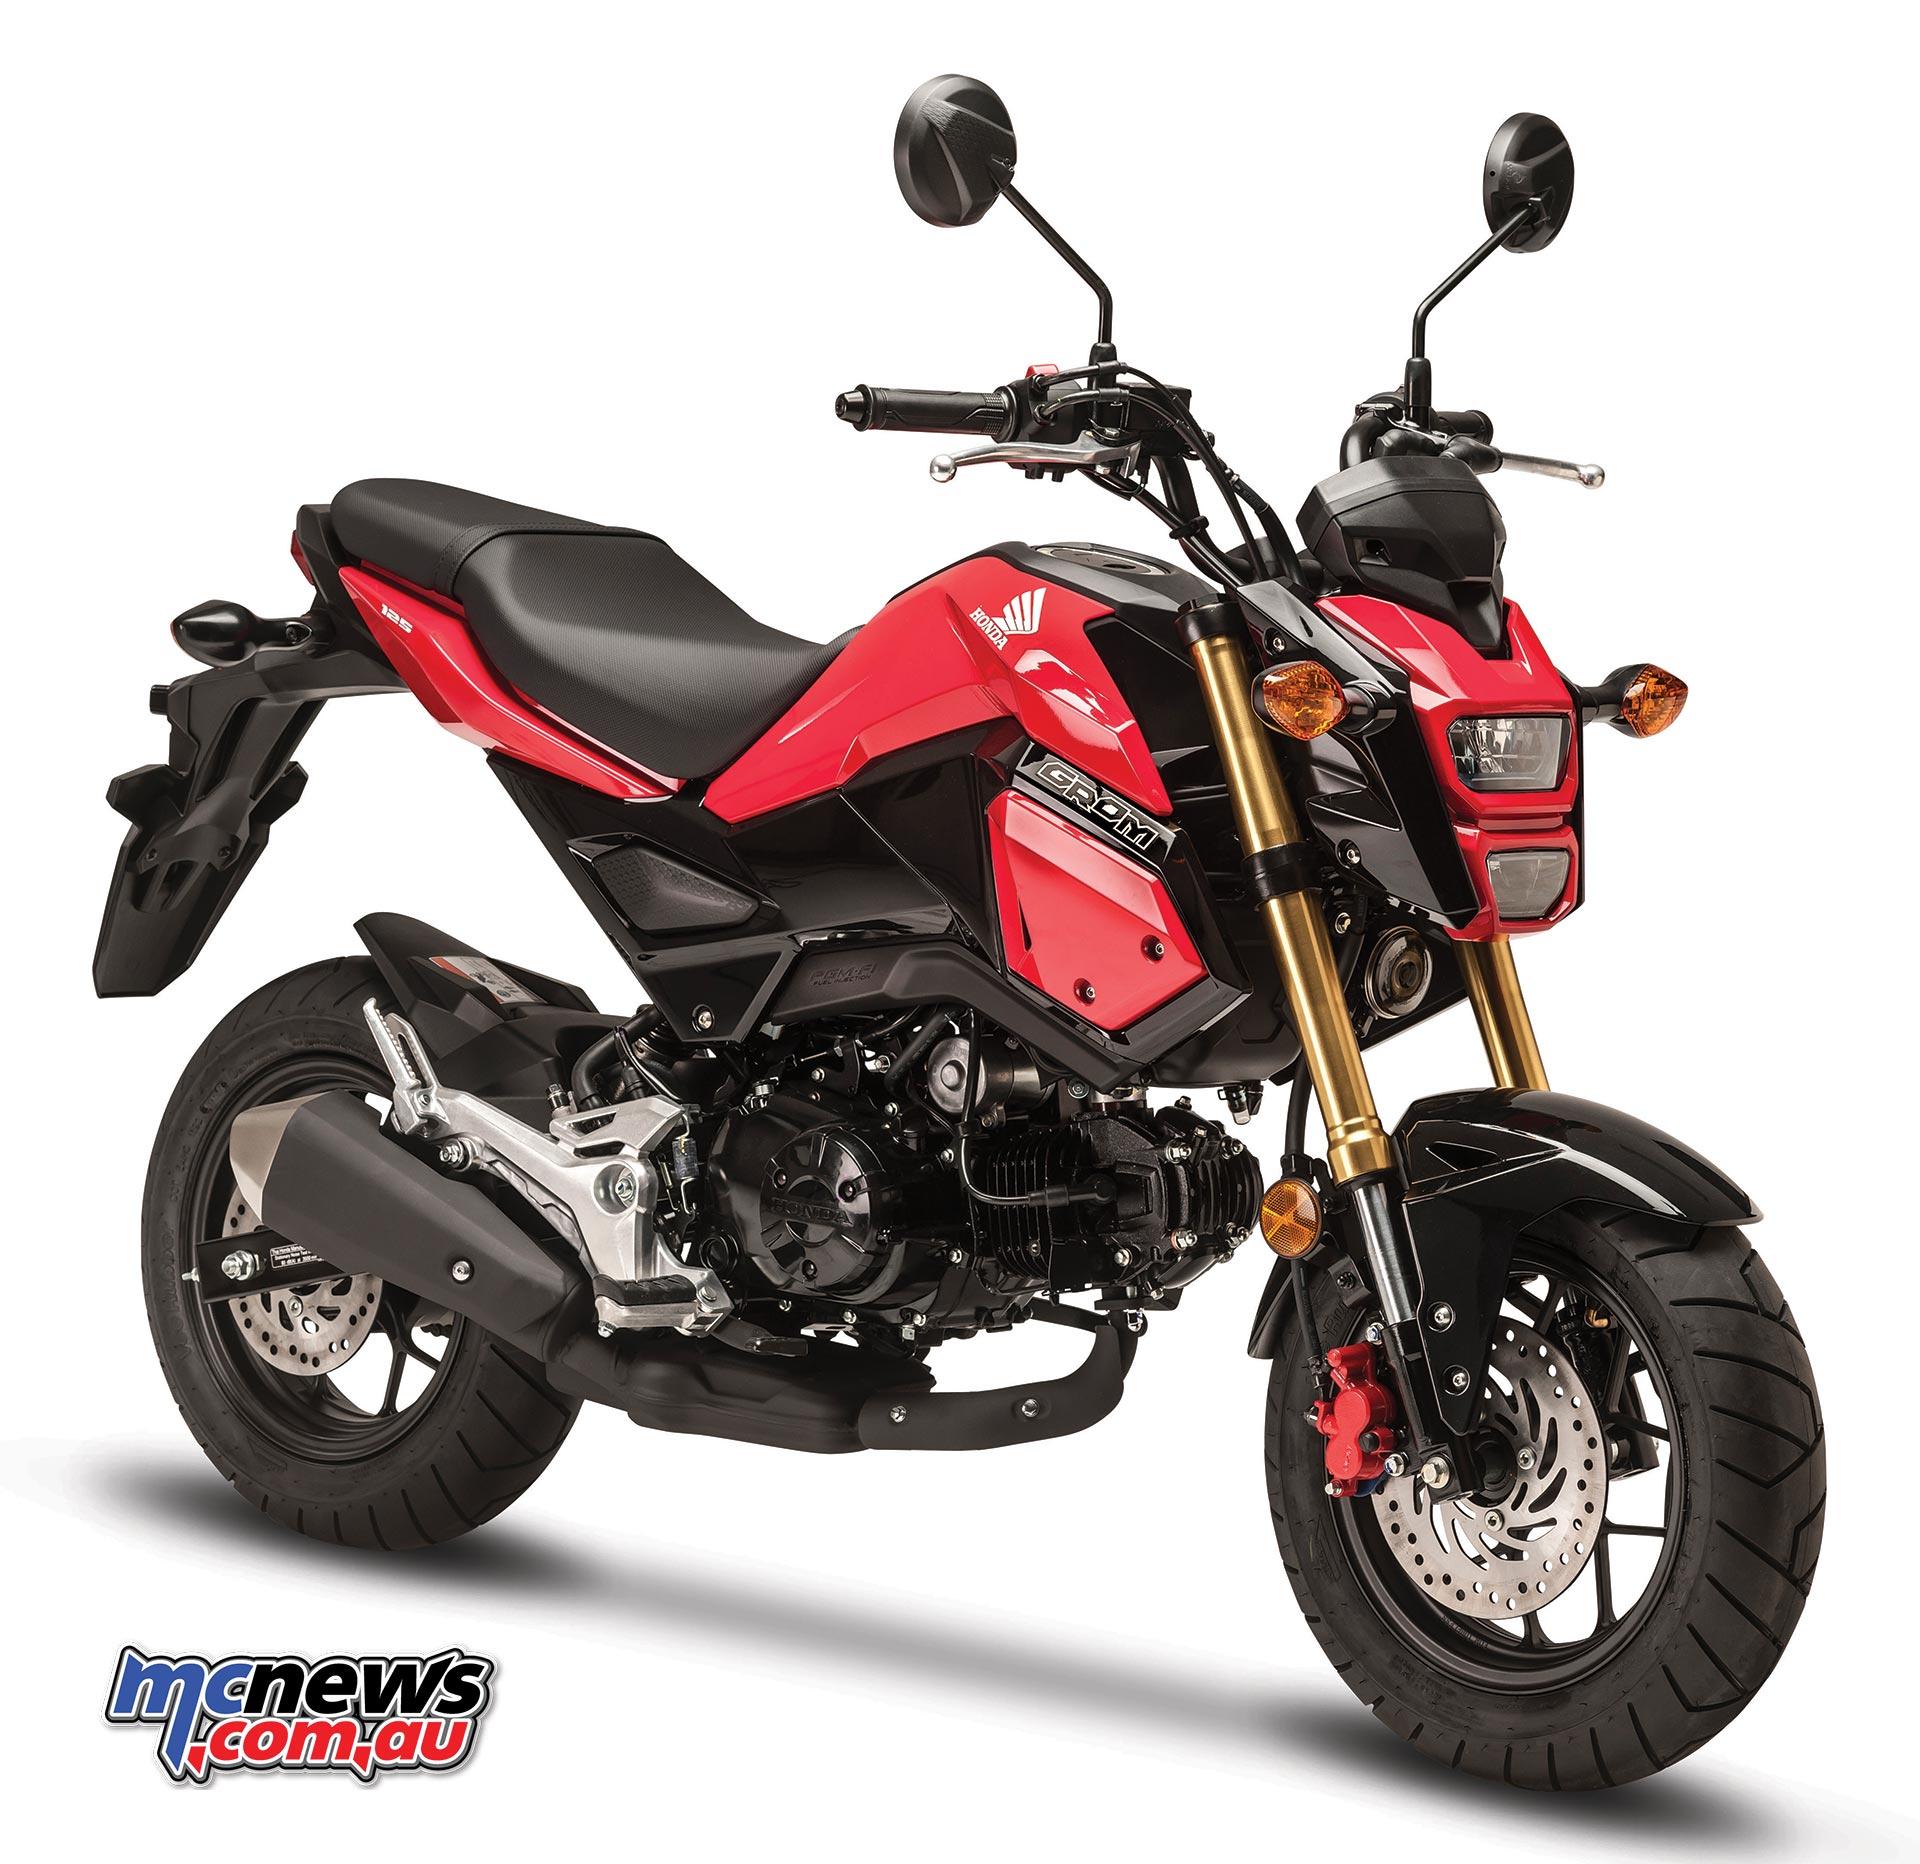 Honda Grom Price >> Honda Grom Ride Away Sale 3 999 Mcnews Com Au